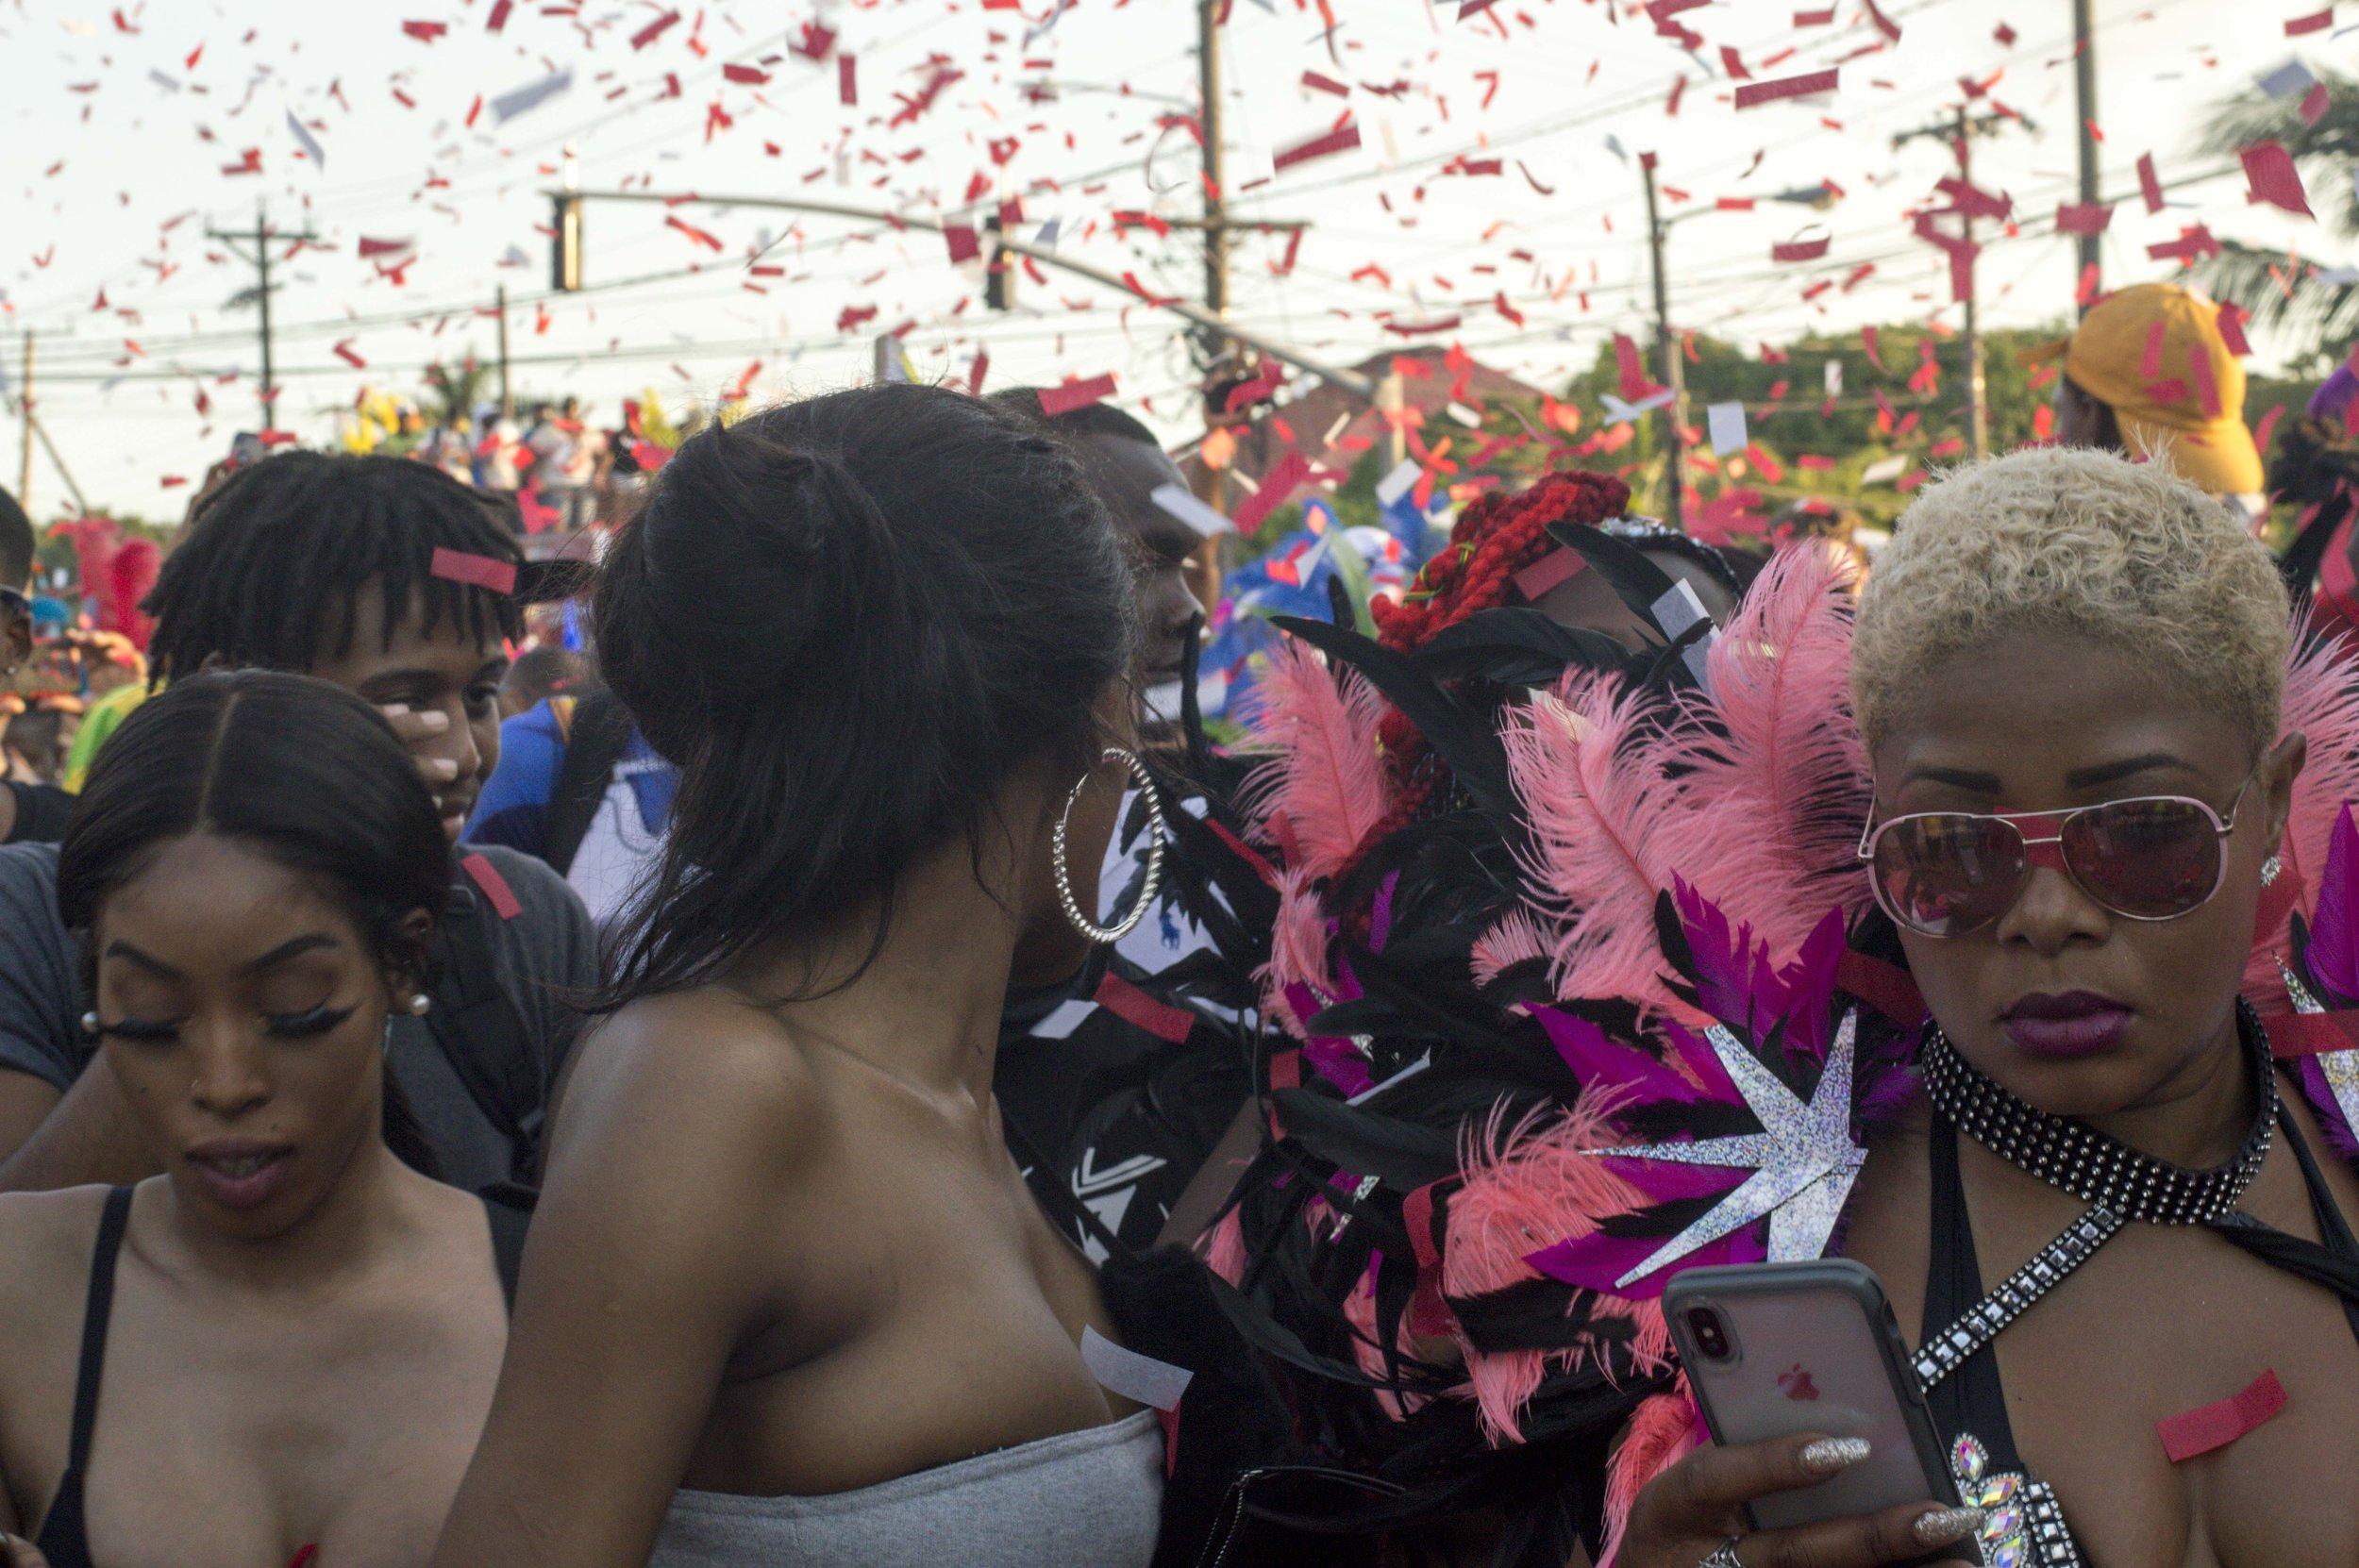 carnival2019_jeanalindo-34.jpg